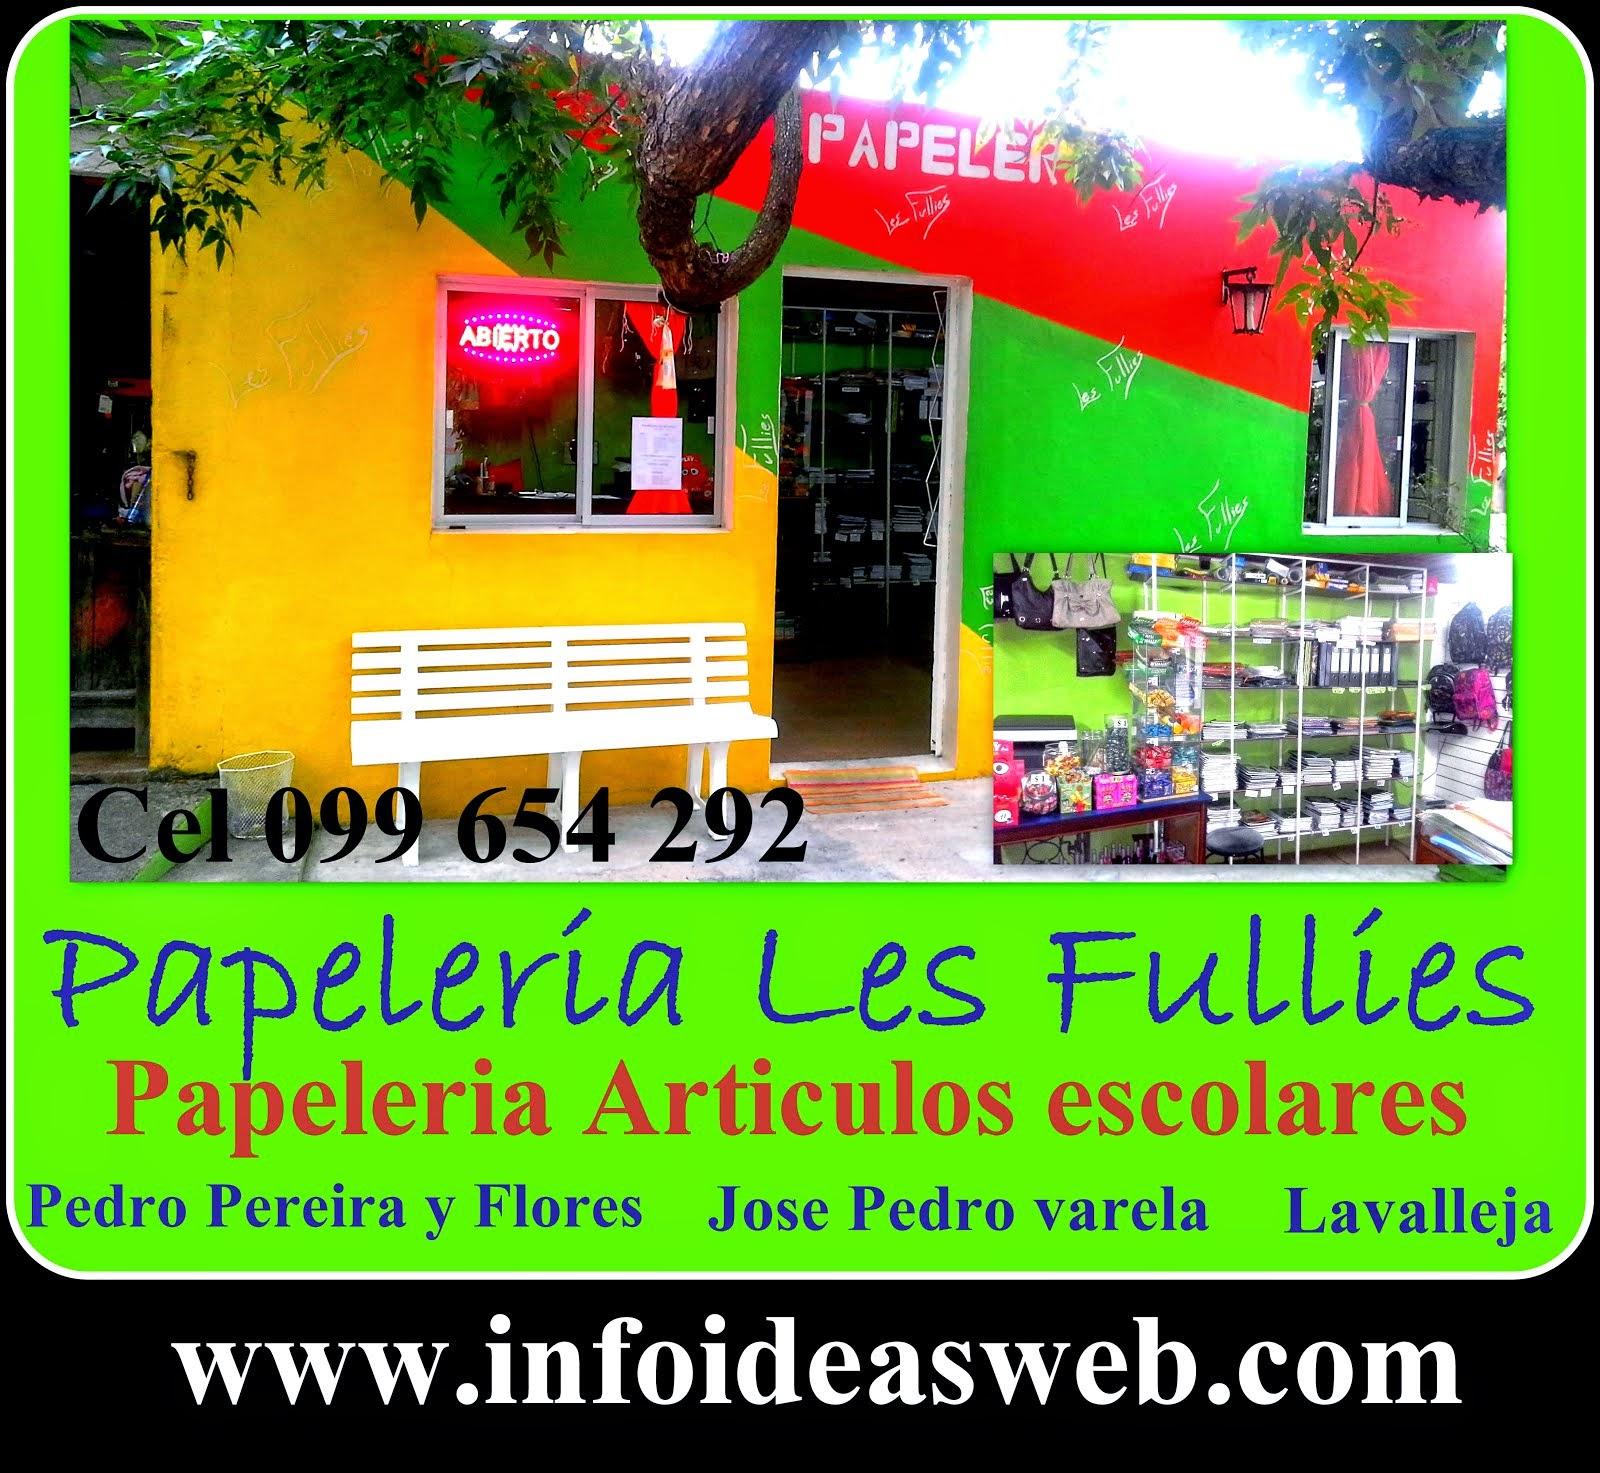 PAPELERIA LES FULLIES